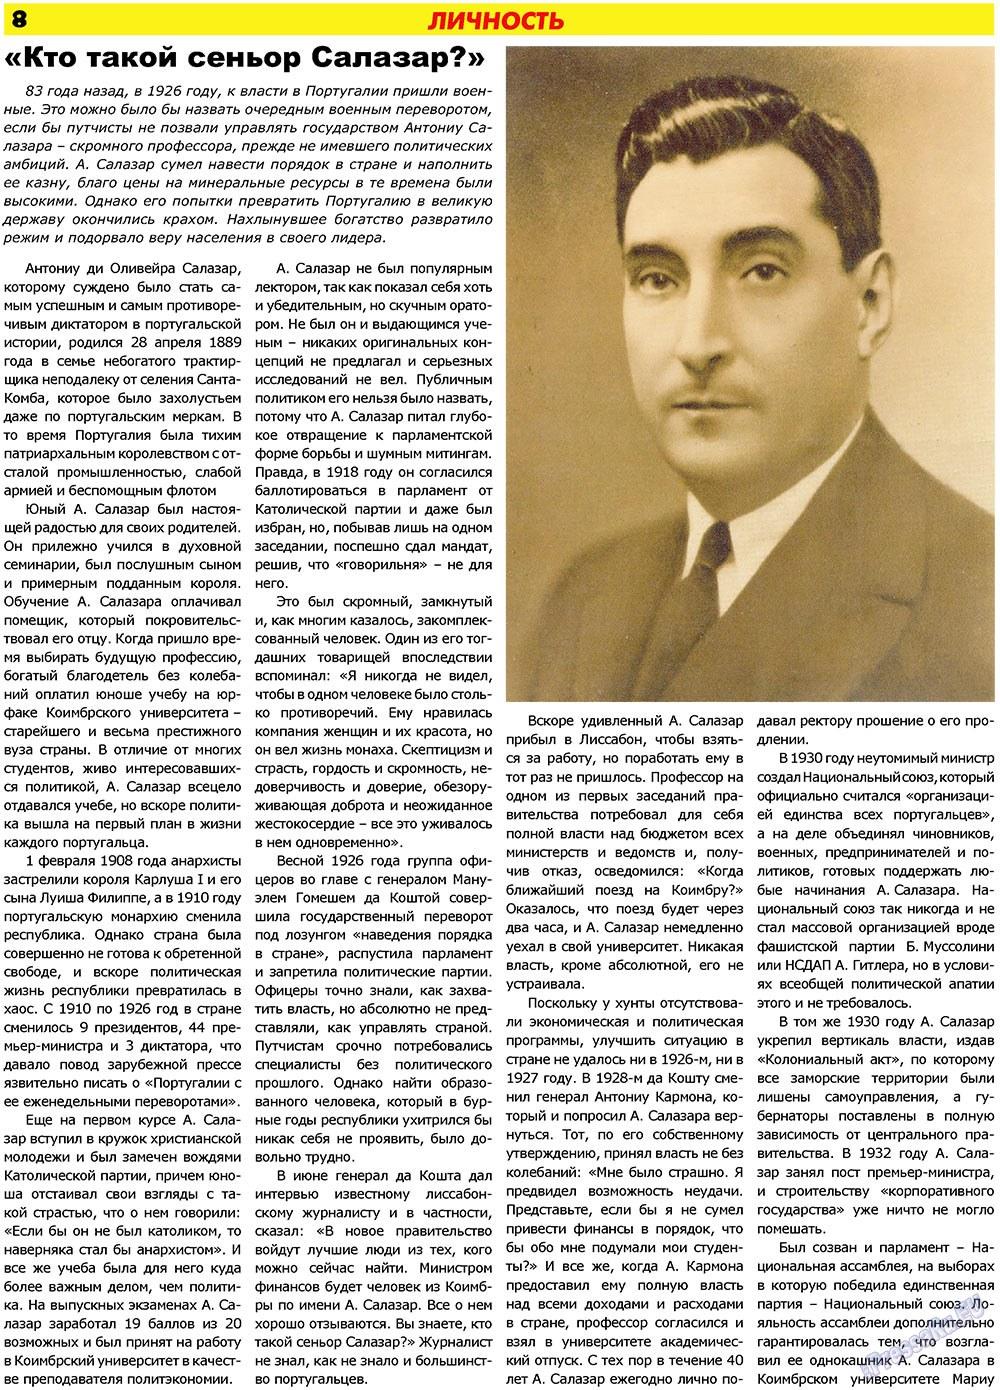 Forum Plus (газета). 2009 год, номер 3, стр. 8